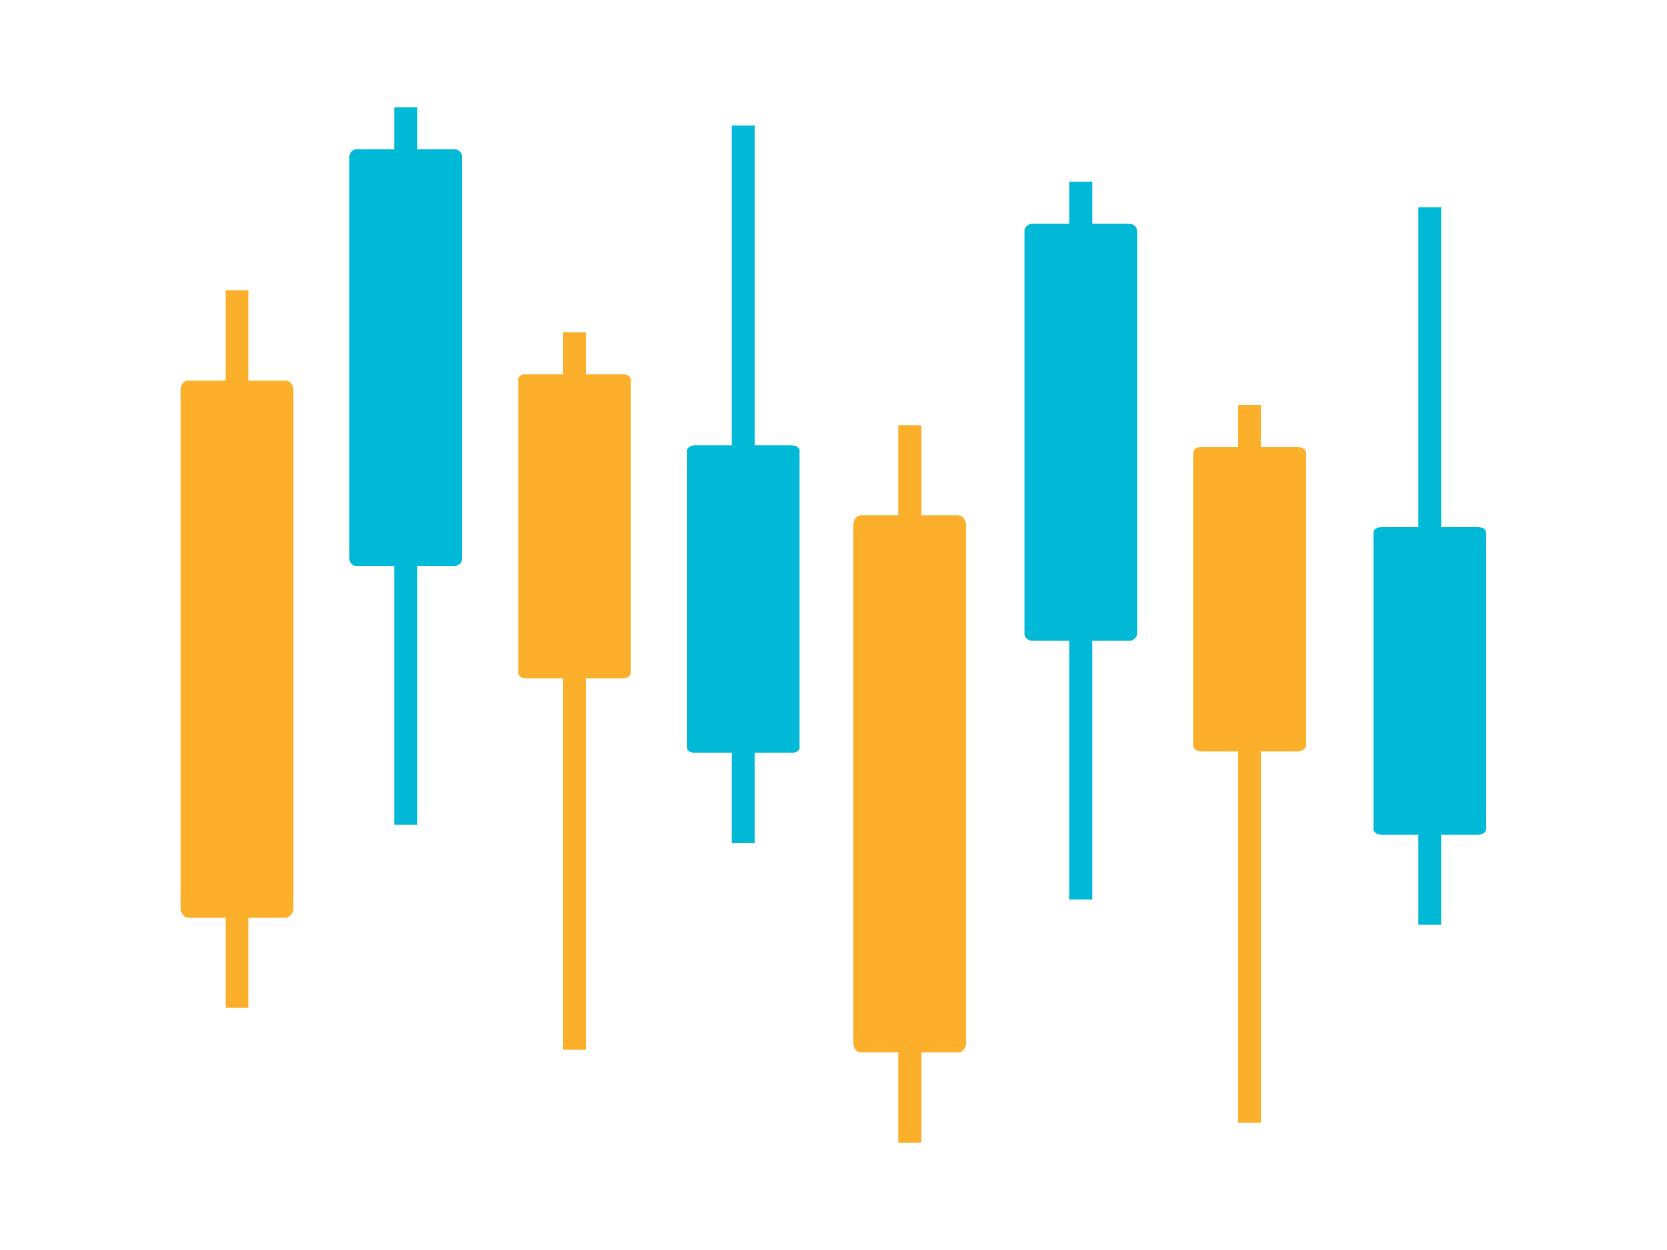 candlestick chart warna emas dan cyan